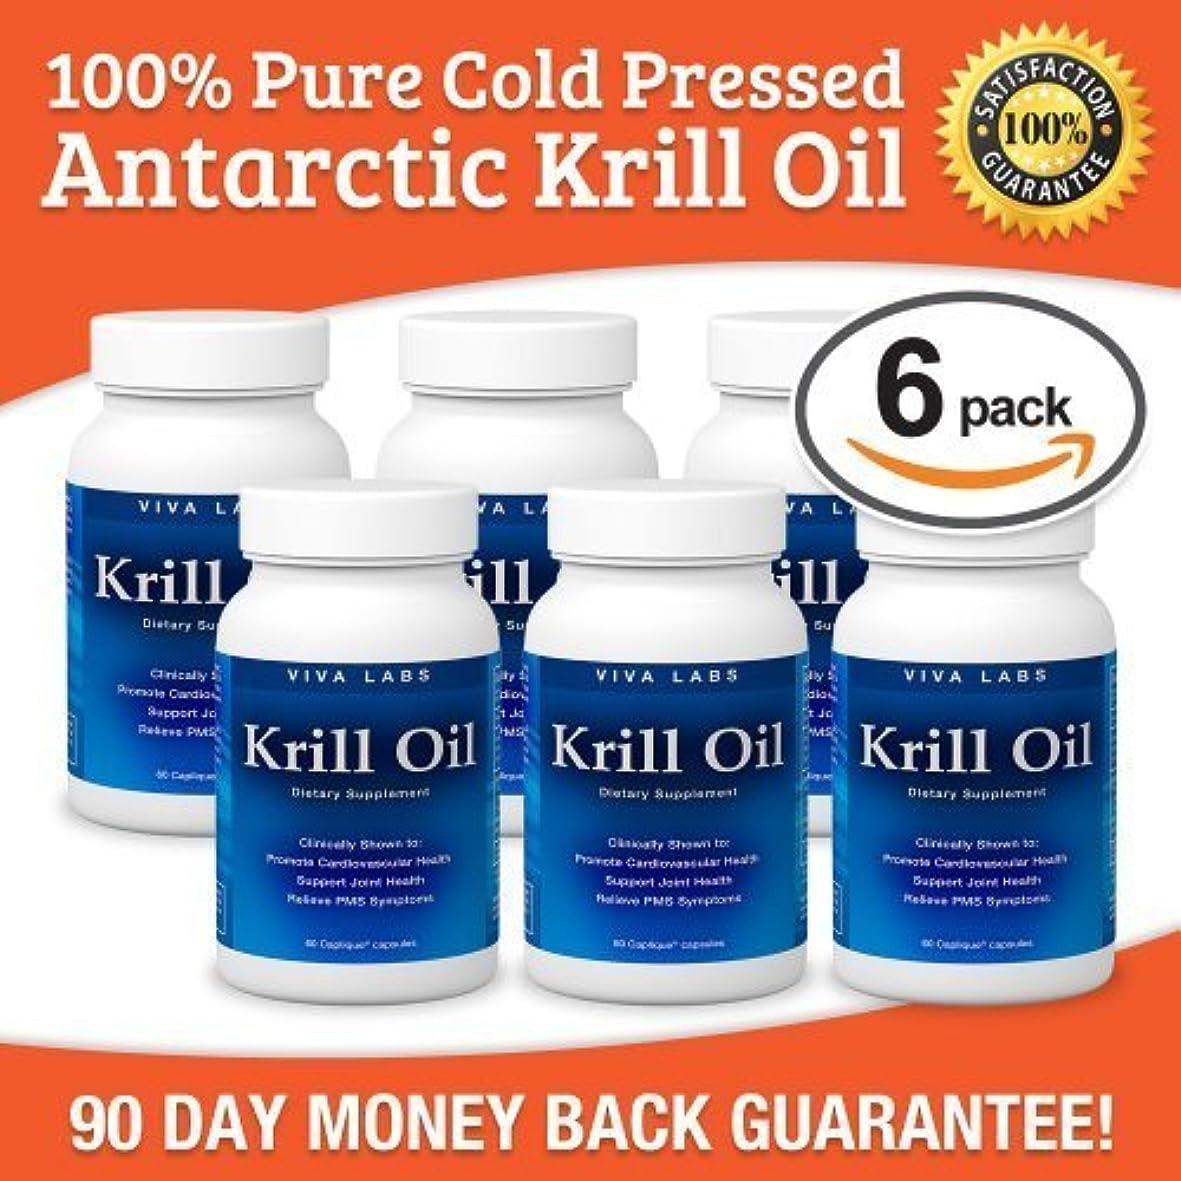 すべきピンク地雷原Everest Nutrition Krill Oil - 100% Pure Cold Pressed Antarctic Krill Oil - More Omega-3's: Highest Levels of DHA, EPA and Astaxanthin in the Industry - 1250 Mg/per serving,6 pack by Viva Labs [並行輸入品]